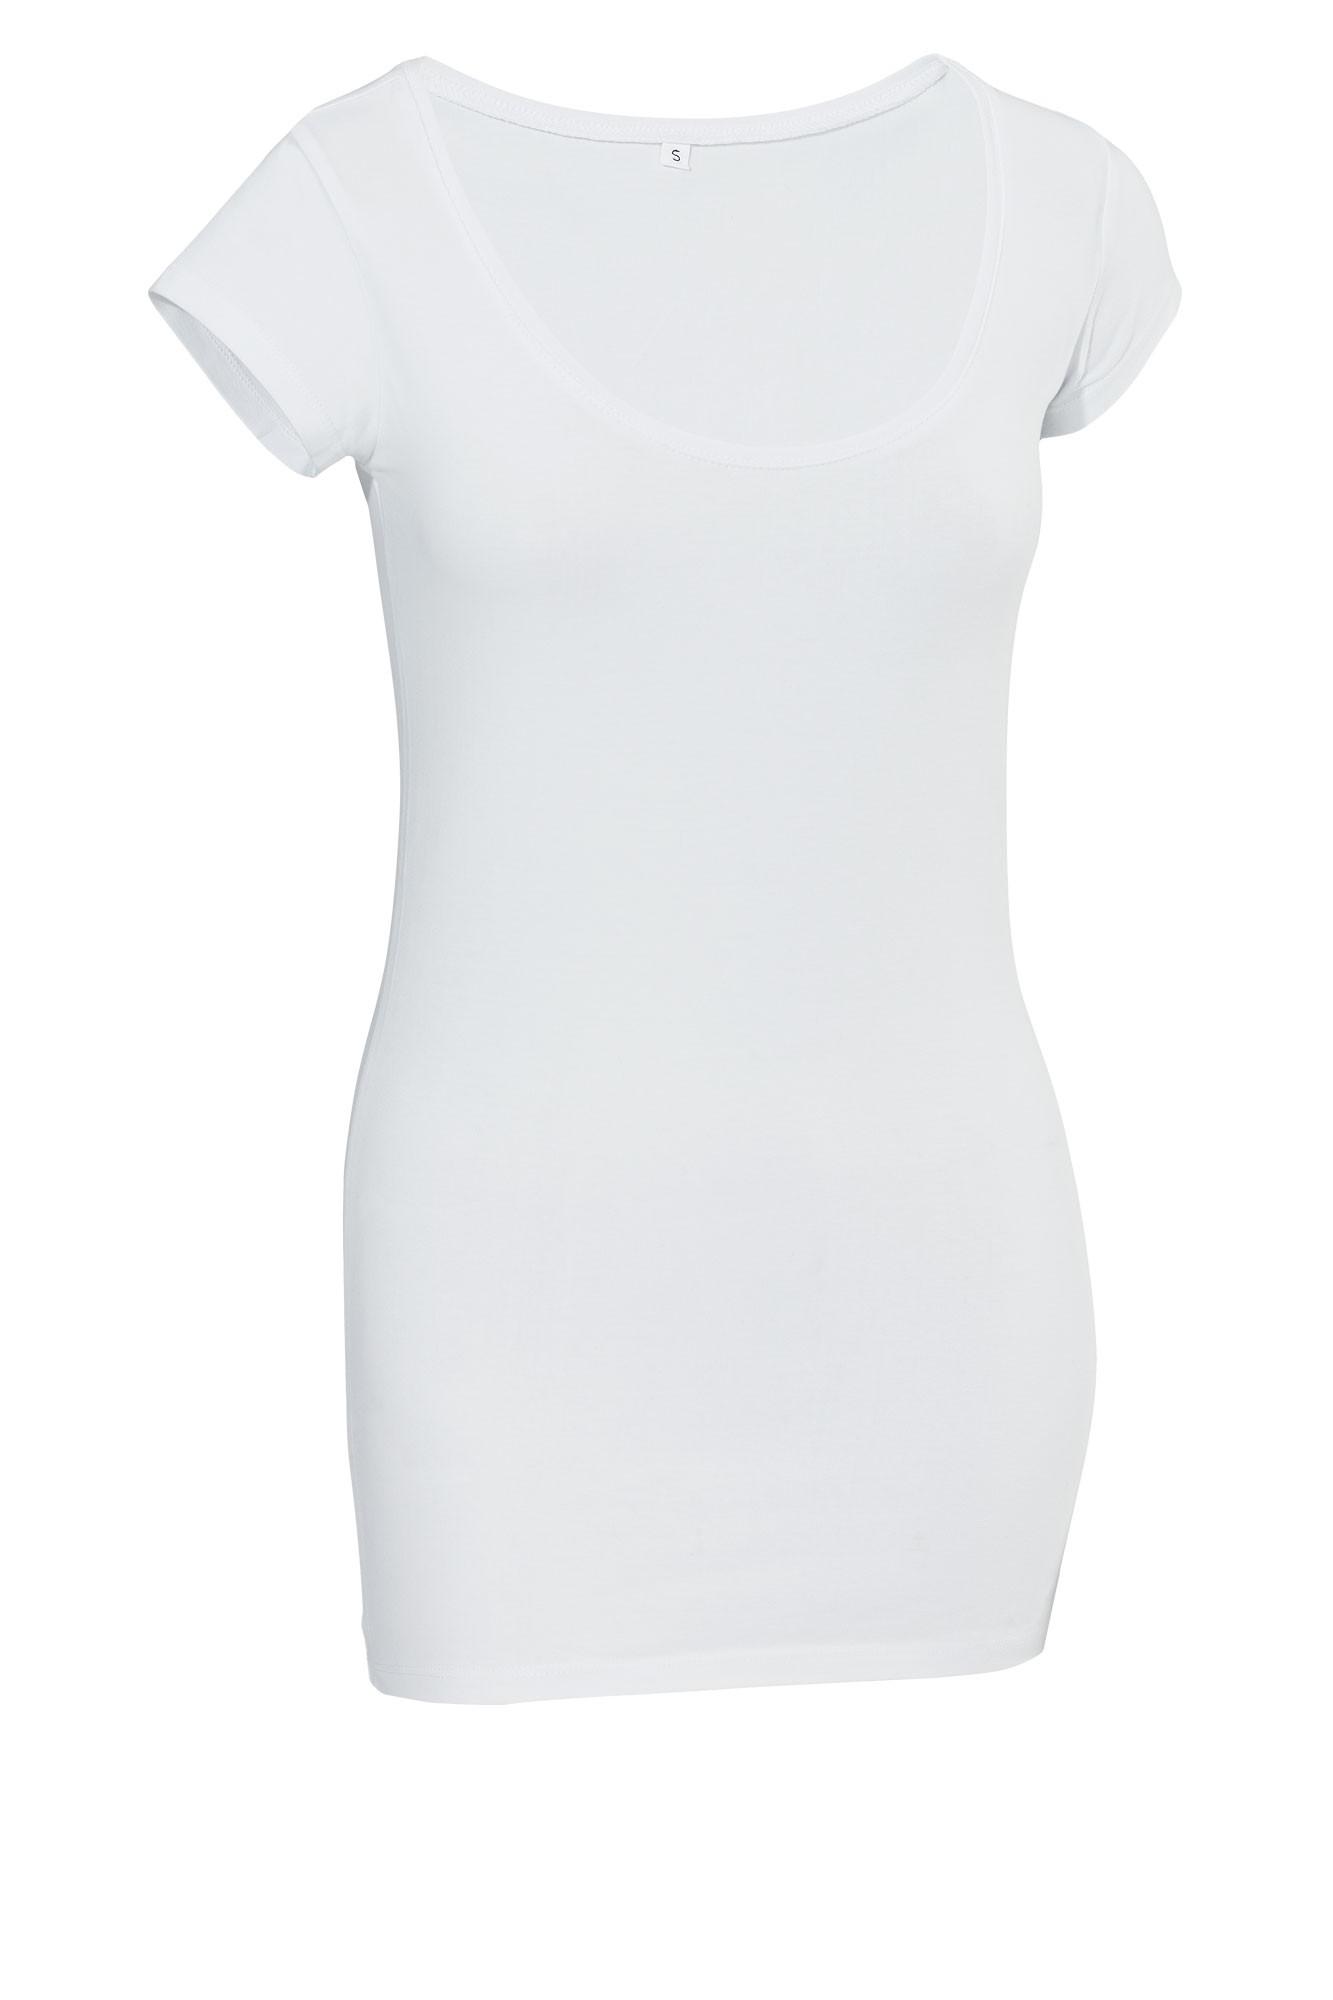 Dámské tričko Double - krátký rukáv/bílá